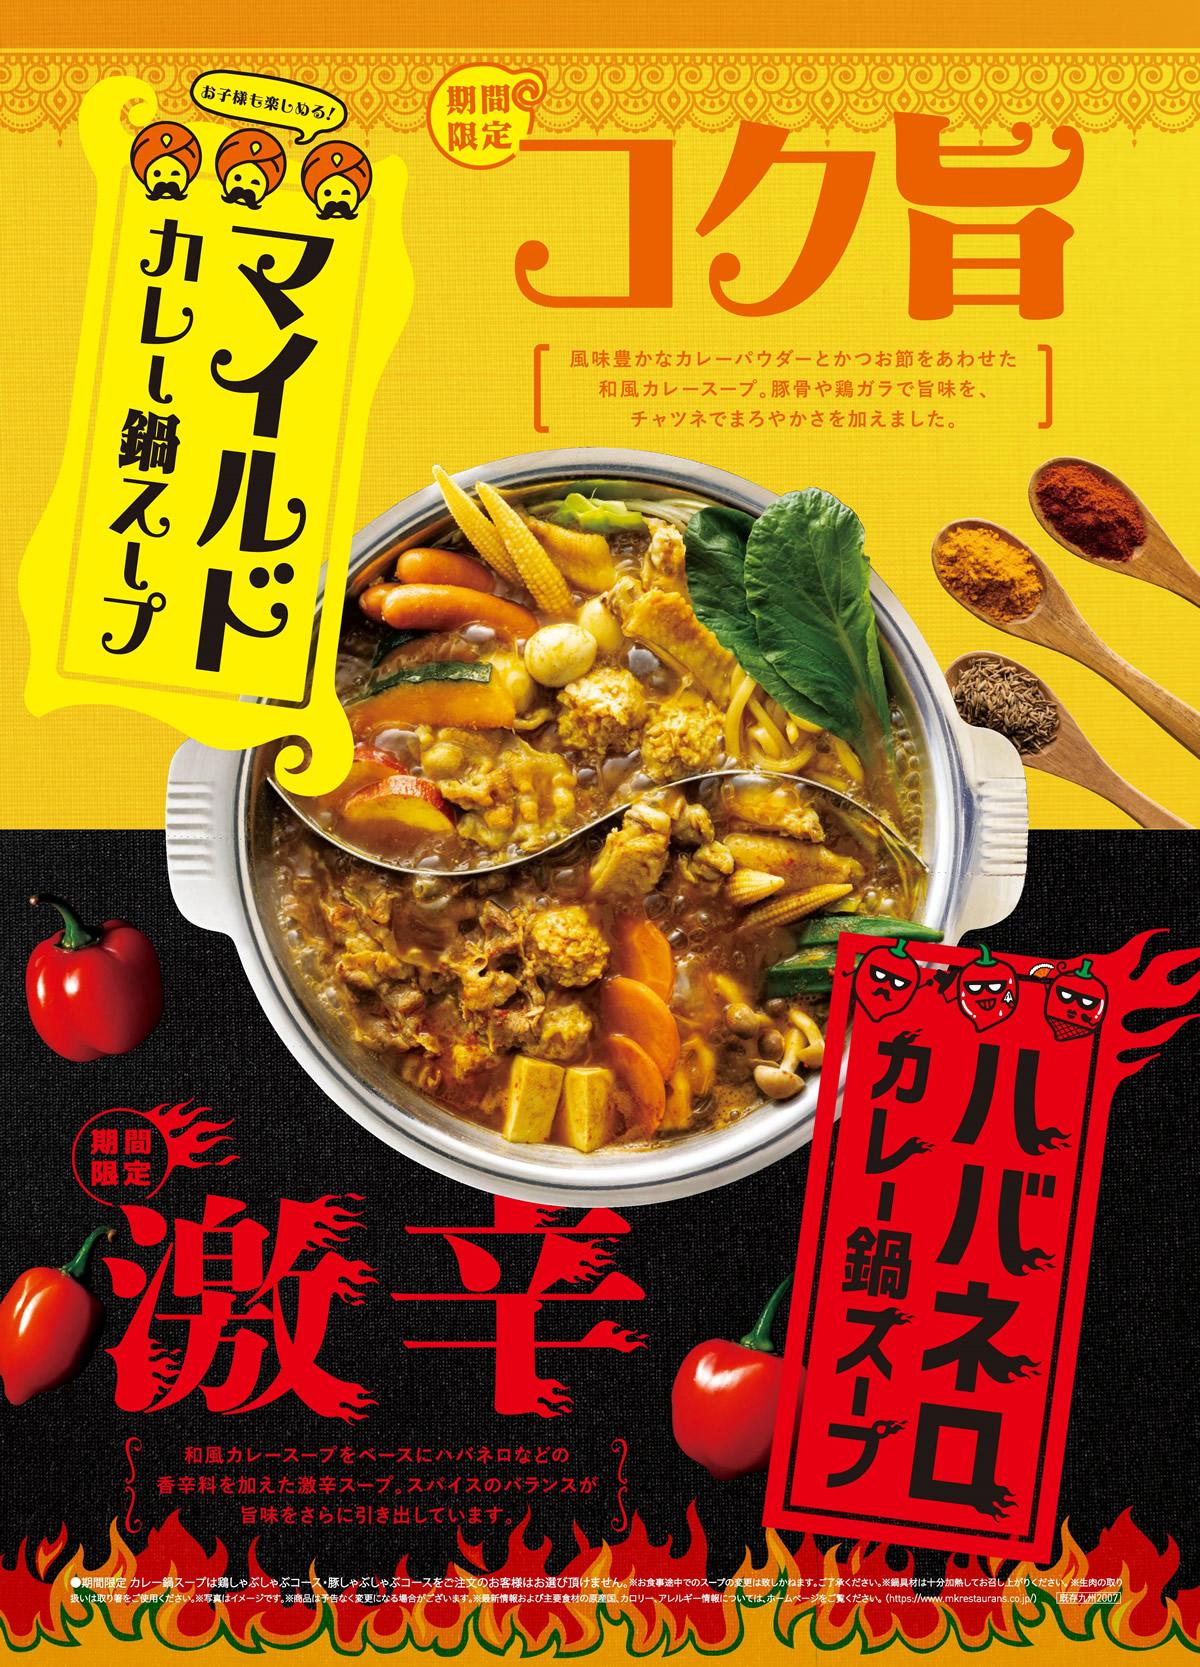 日本の「MKレストラン」で夏のカレー鍋スープ!『コク旨マイルド 』と『 激辛ハバネロ』